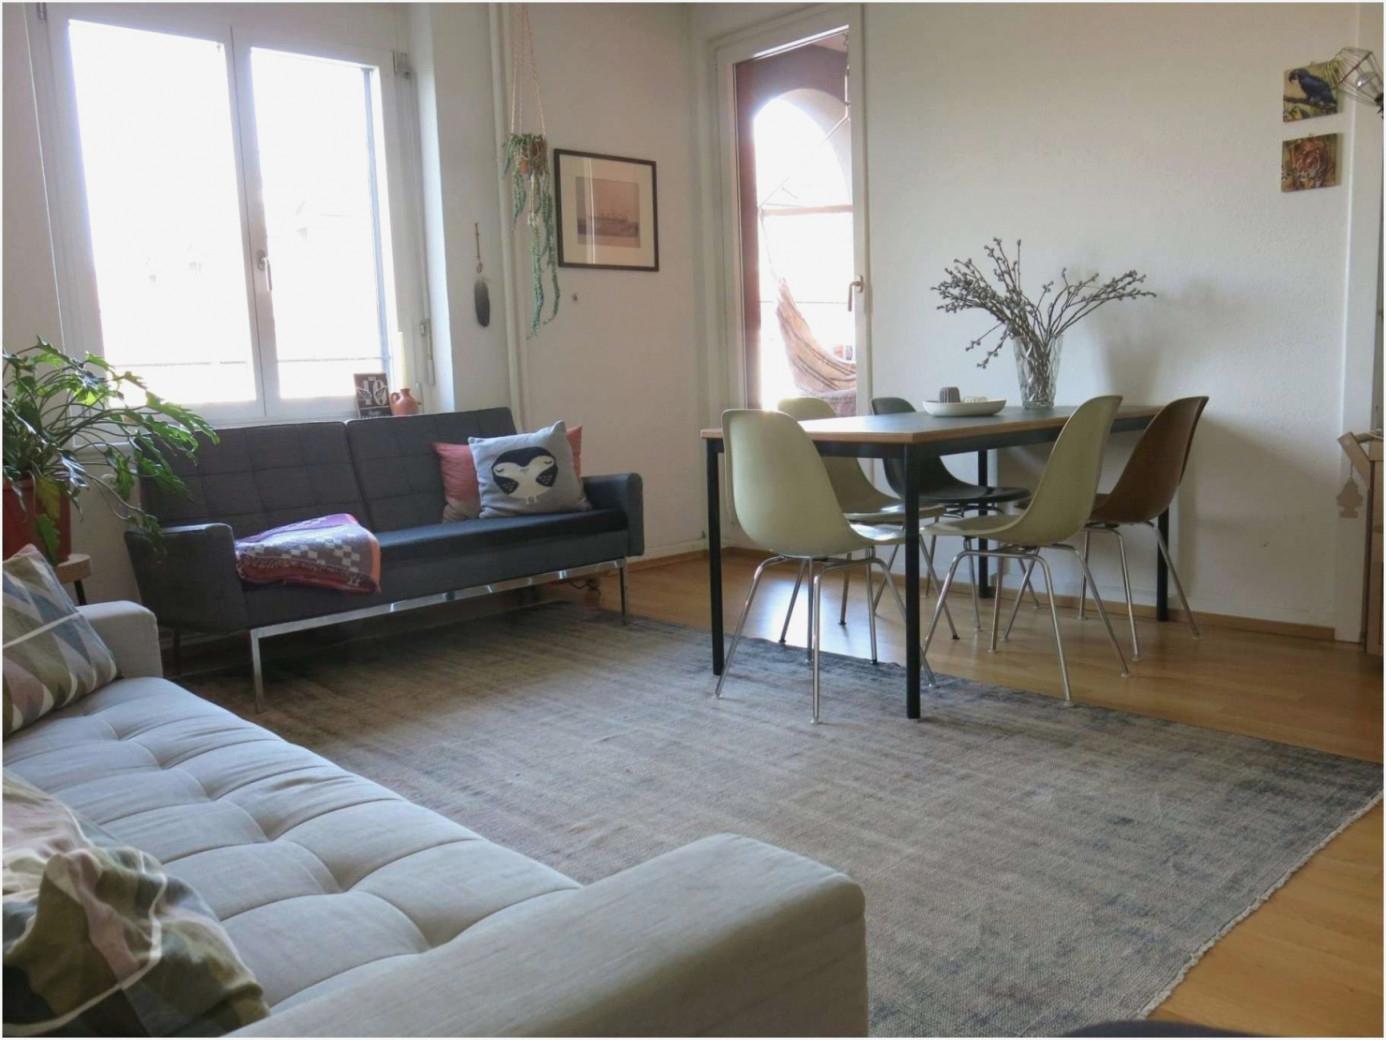 Kleines Wohnzimmer Mit Esstisch Einrichten Ideen von Wohnzimmer Mit Essbereich Einrichten Bild